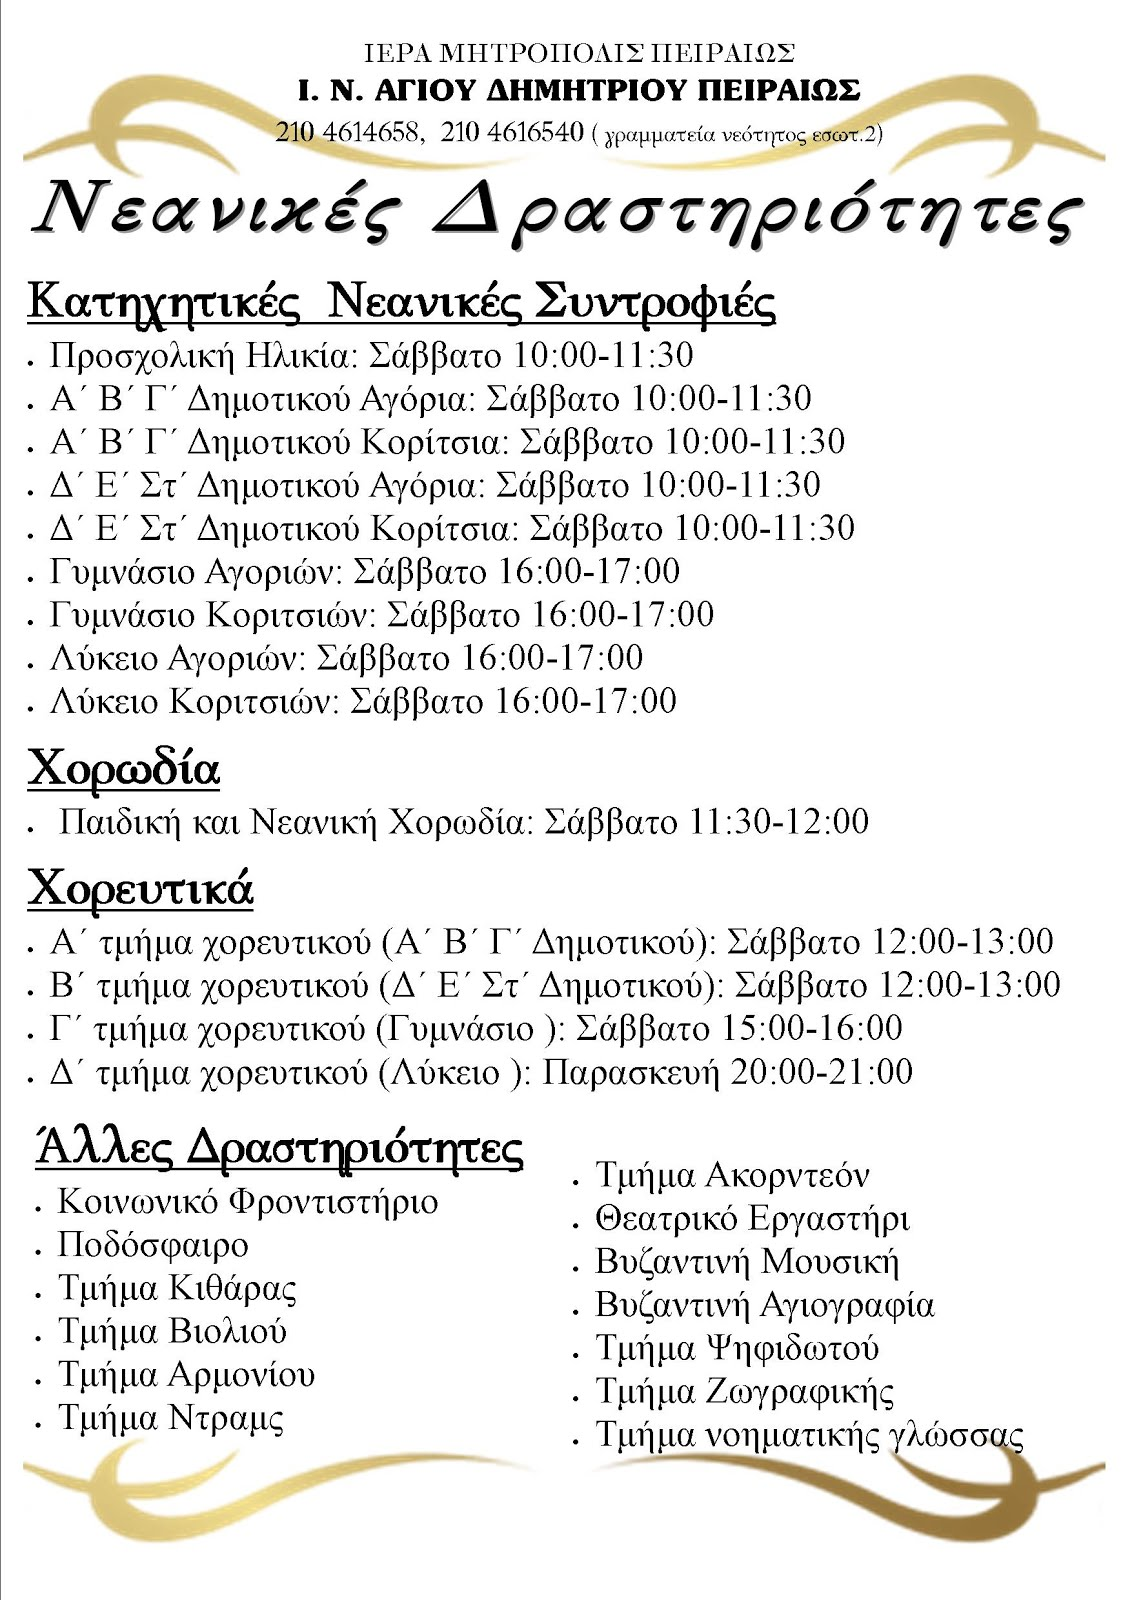 Νεανικές Δραστηριότητες και Ενοριακό Πρόγραμμα 2018